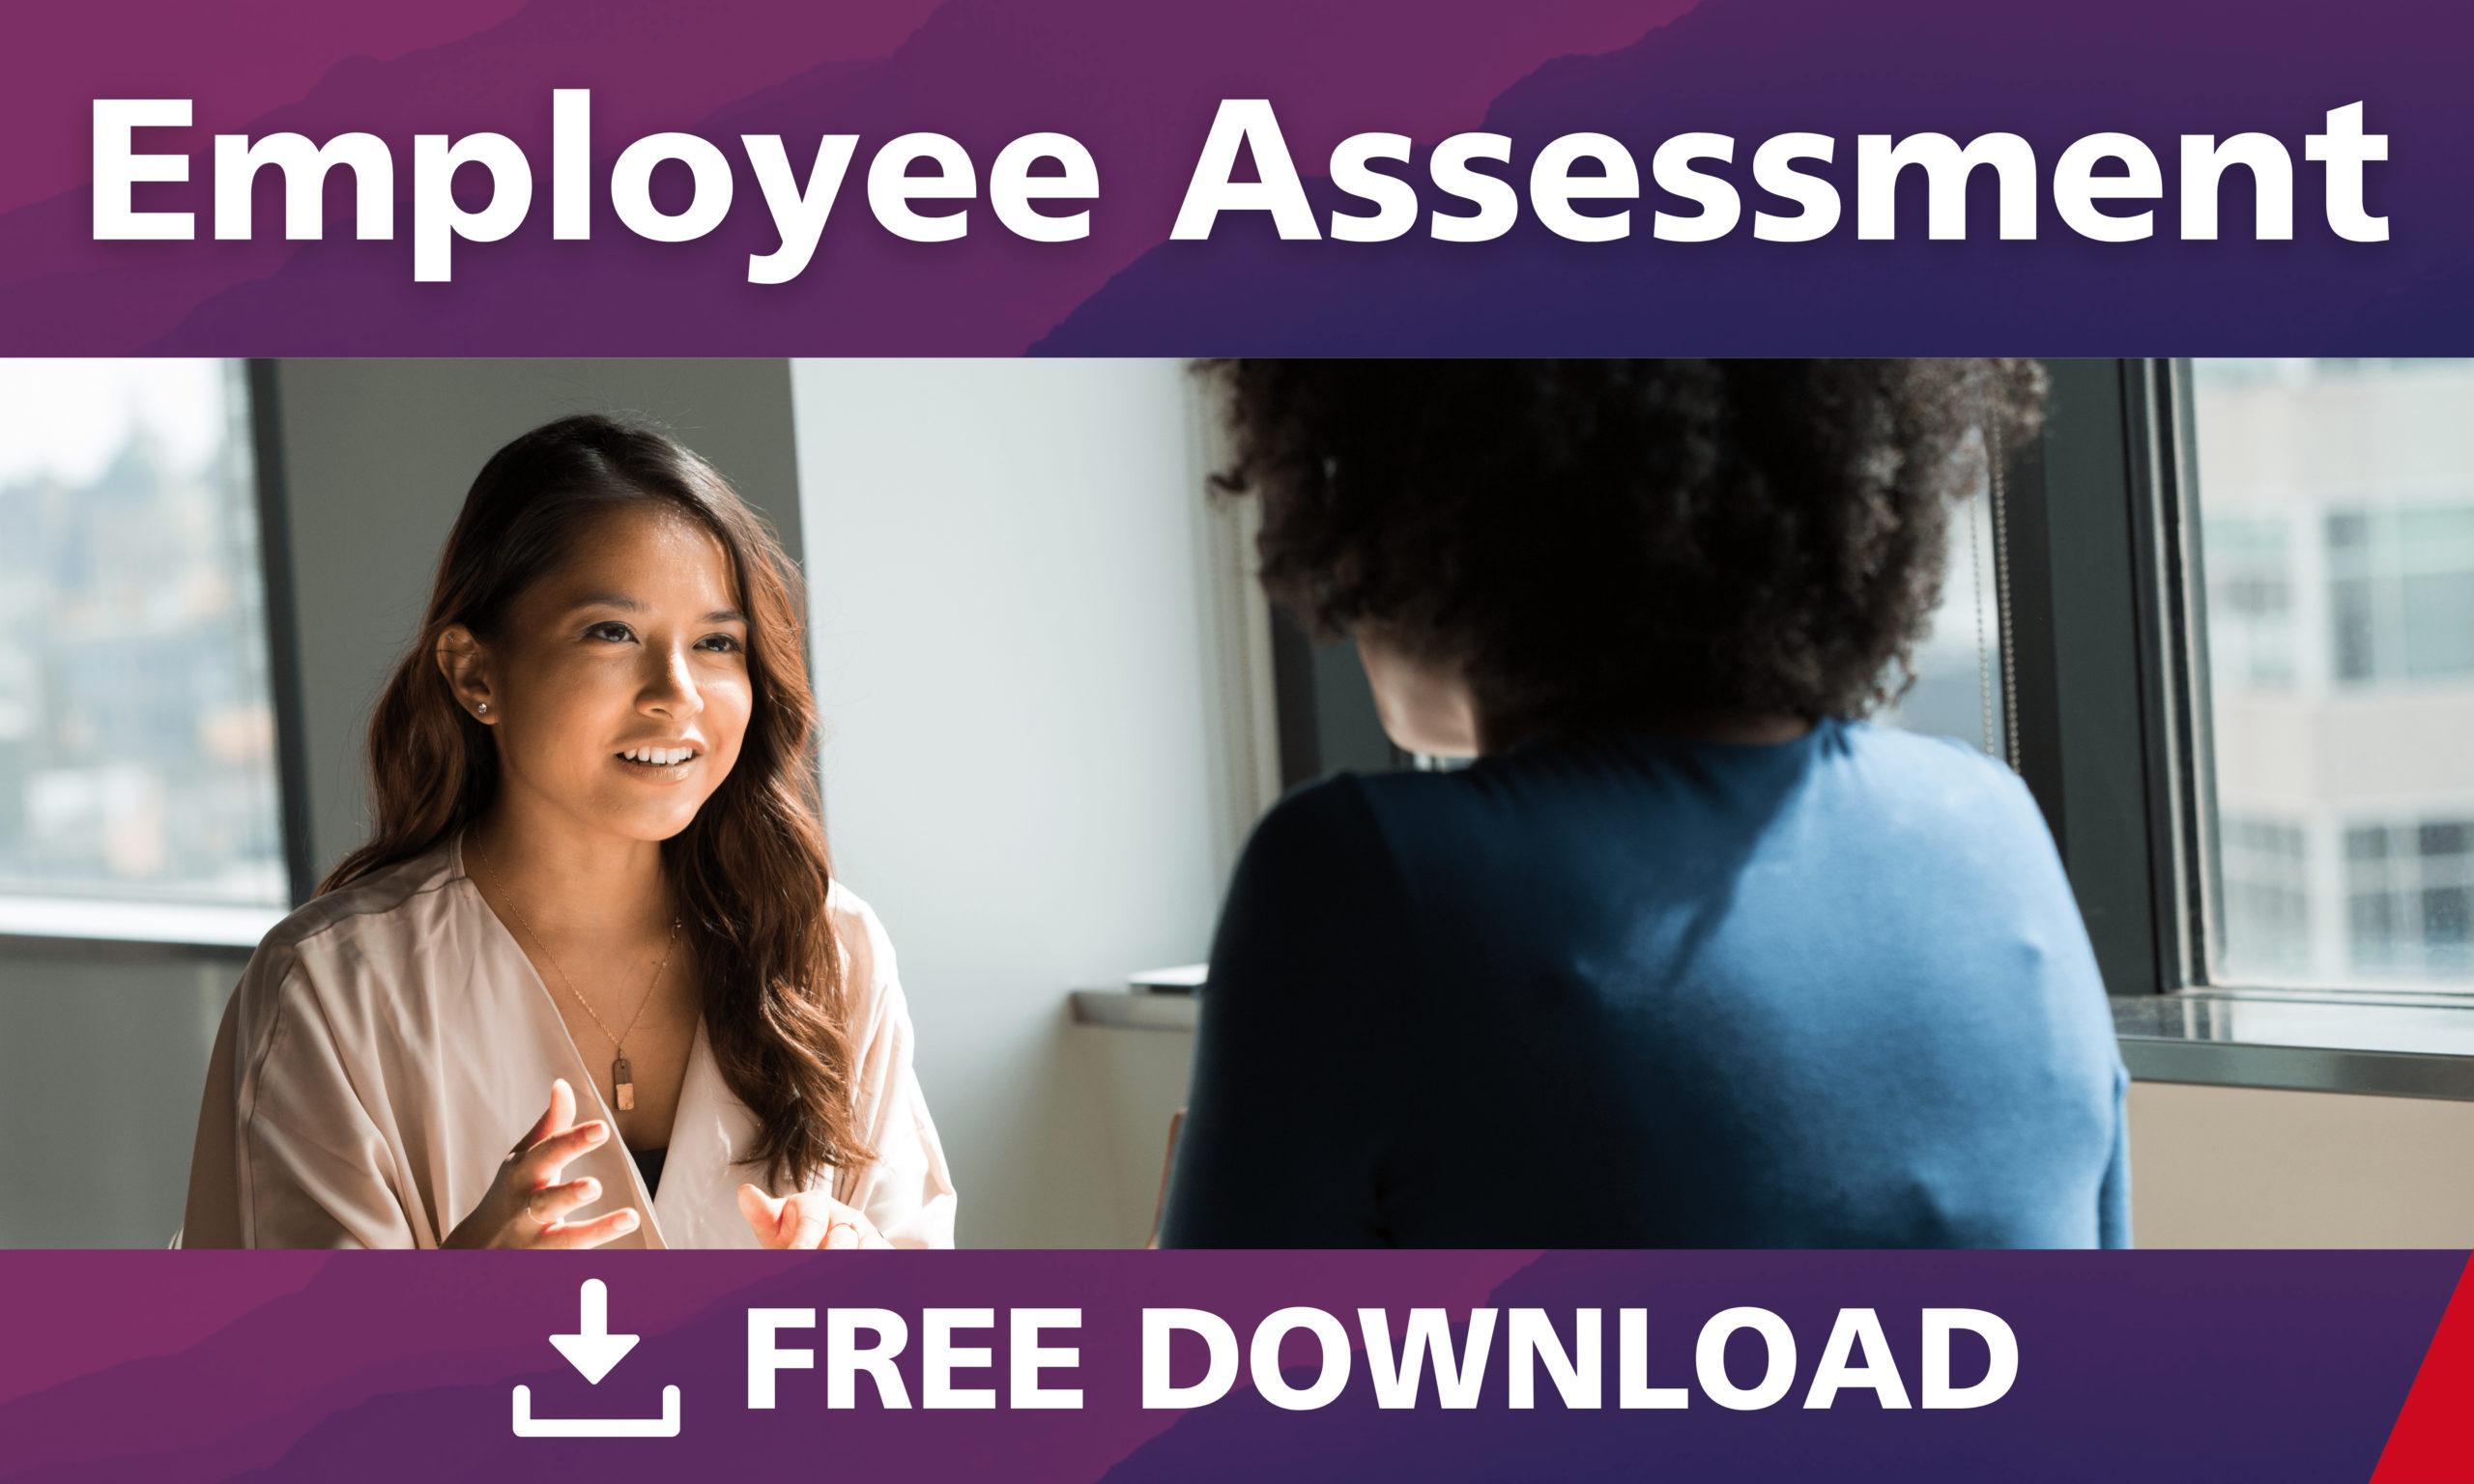 Employee Assessment